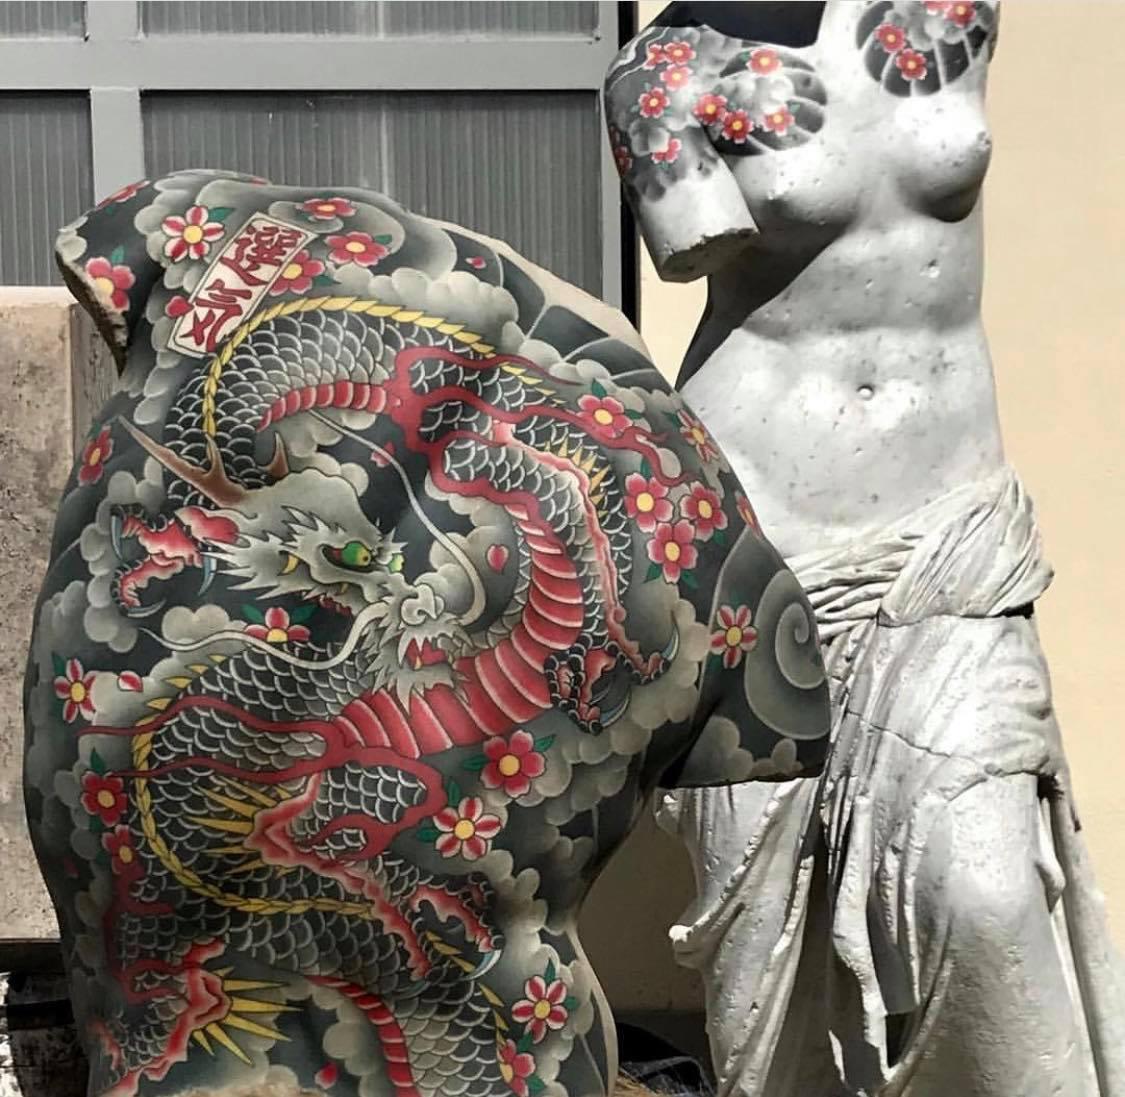 L'artiste italien Fabio Viale aime reproduire des sculptures classiques de l'#Antiquité en #marbre. Il les modernise en les décorant de magnifiques #…